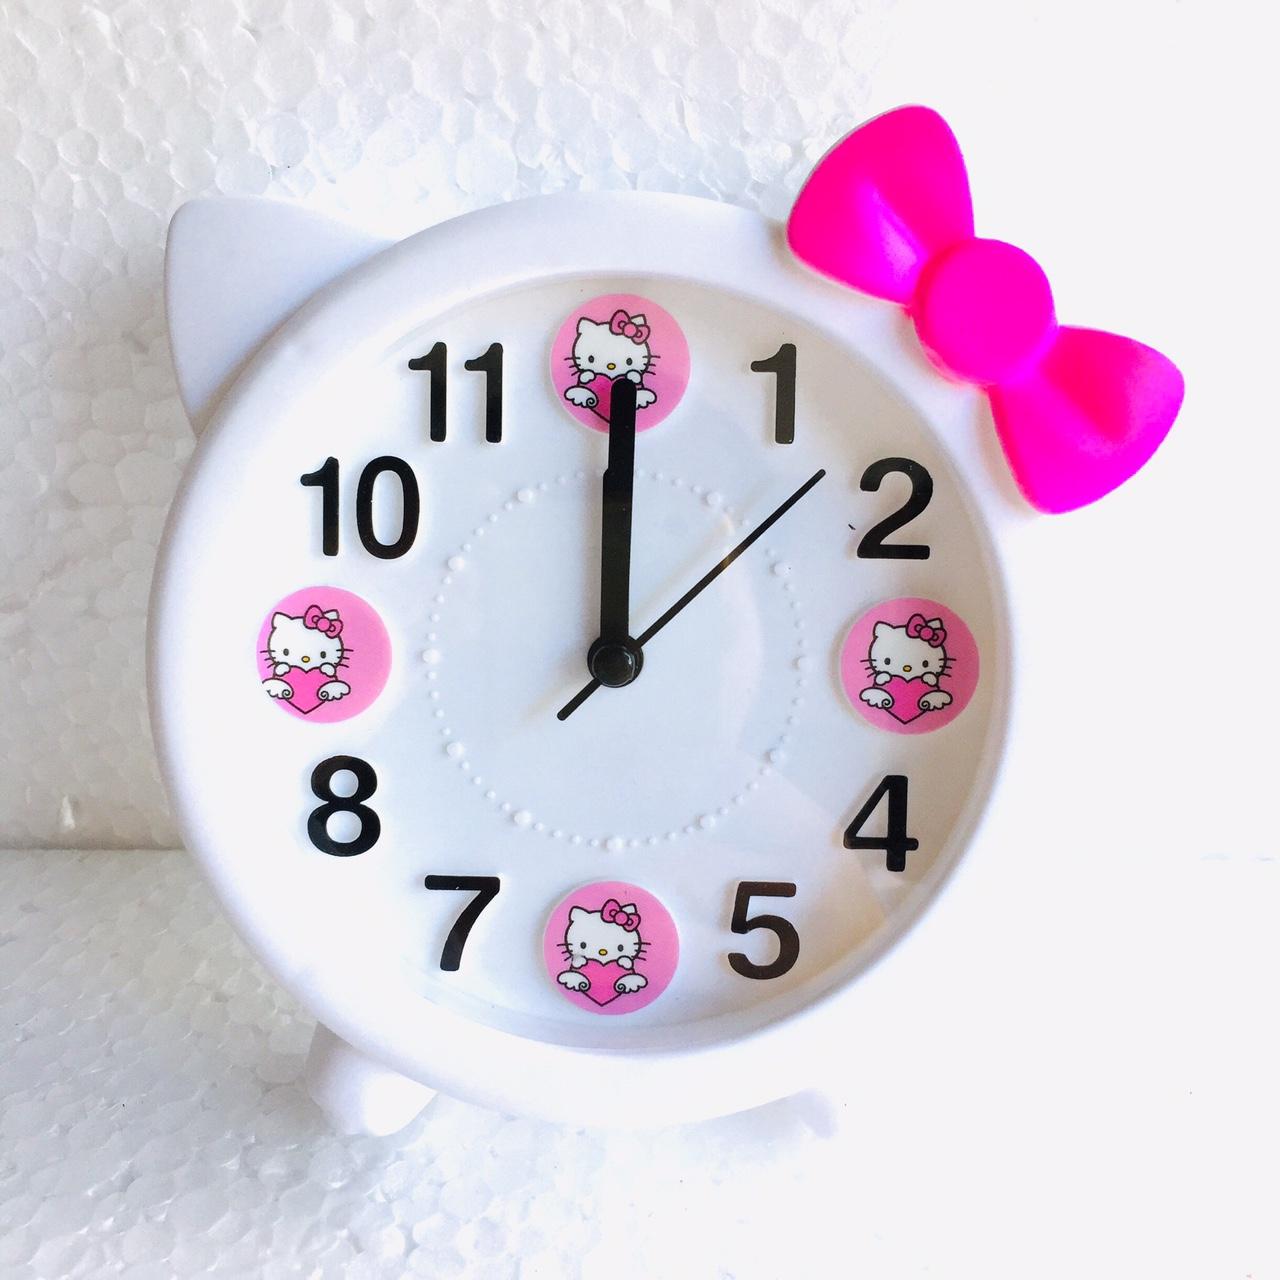 Đồng hồ báo thức để bàn mèo nơ Kitty HX3162 ( trắng) - màu ngẫu nhiên